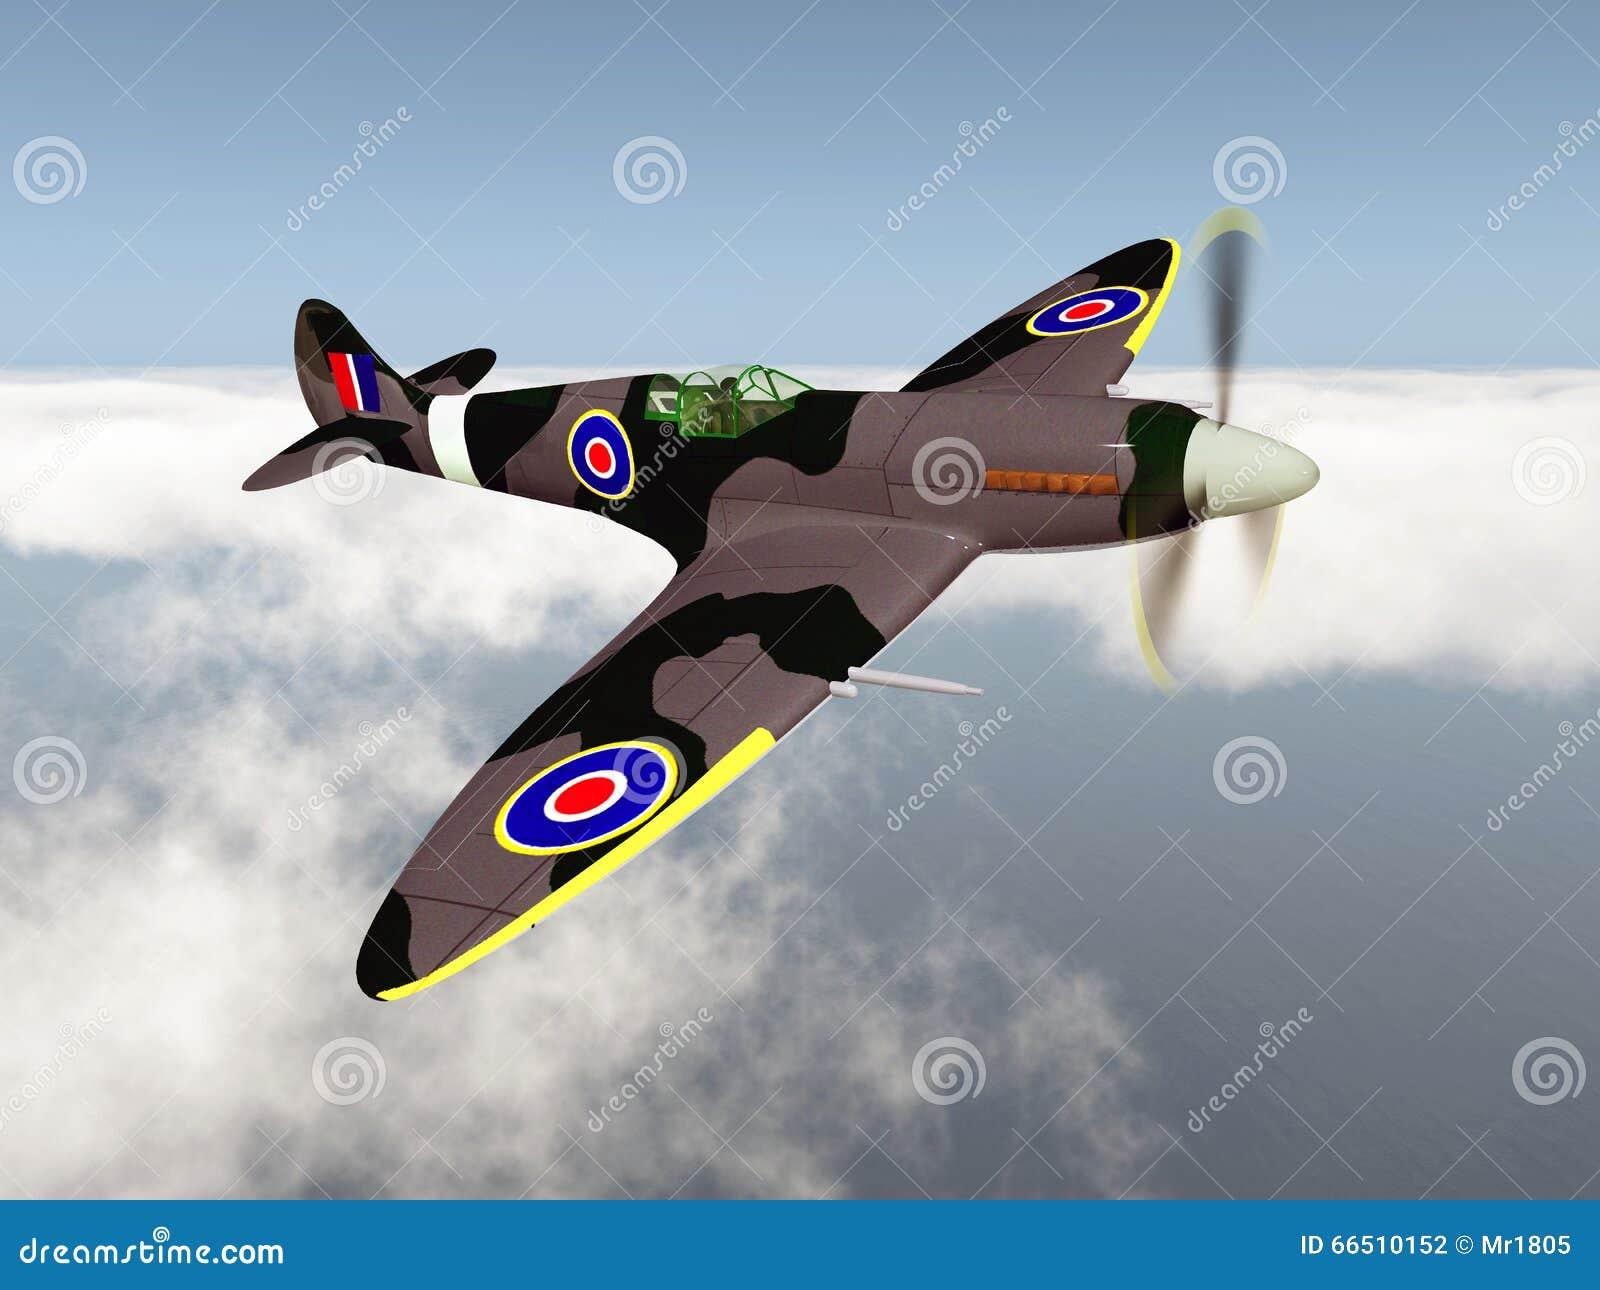 Aereo Da Combattimento Russo : Aereo da caccia britannico della seconda guerra mondiale